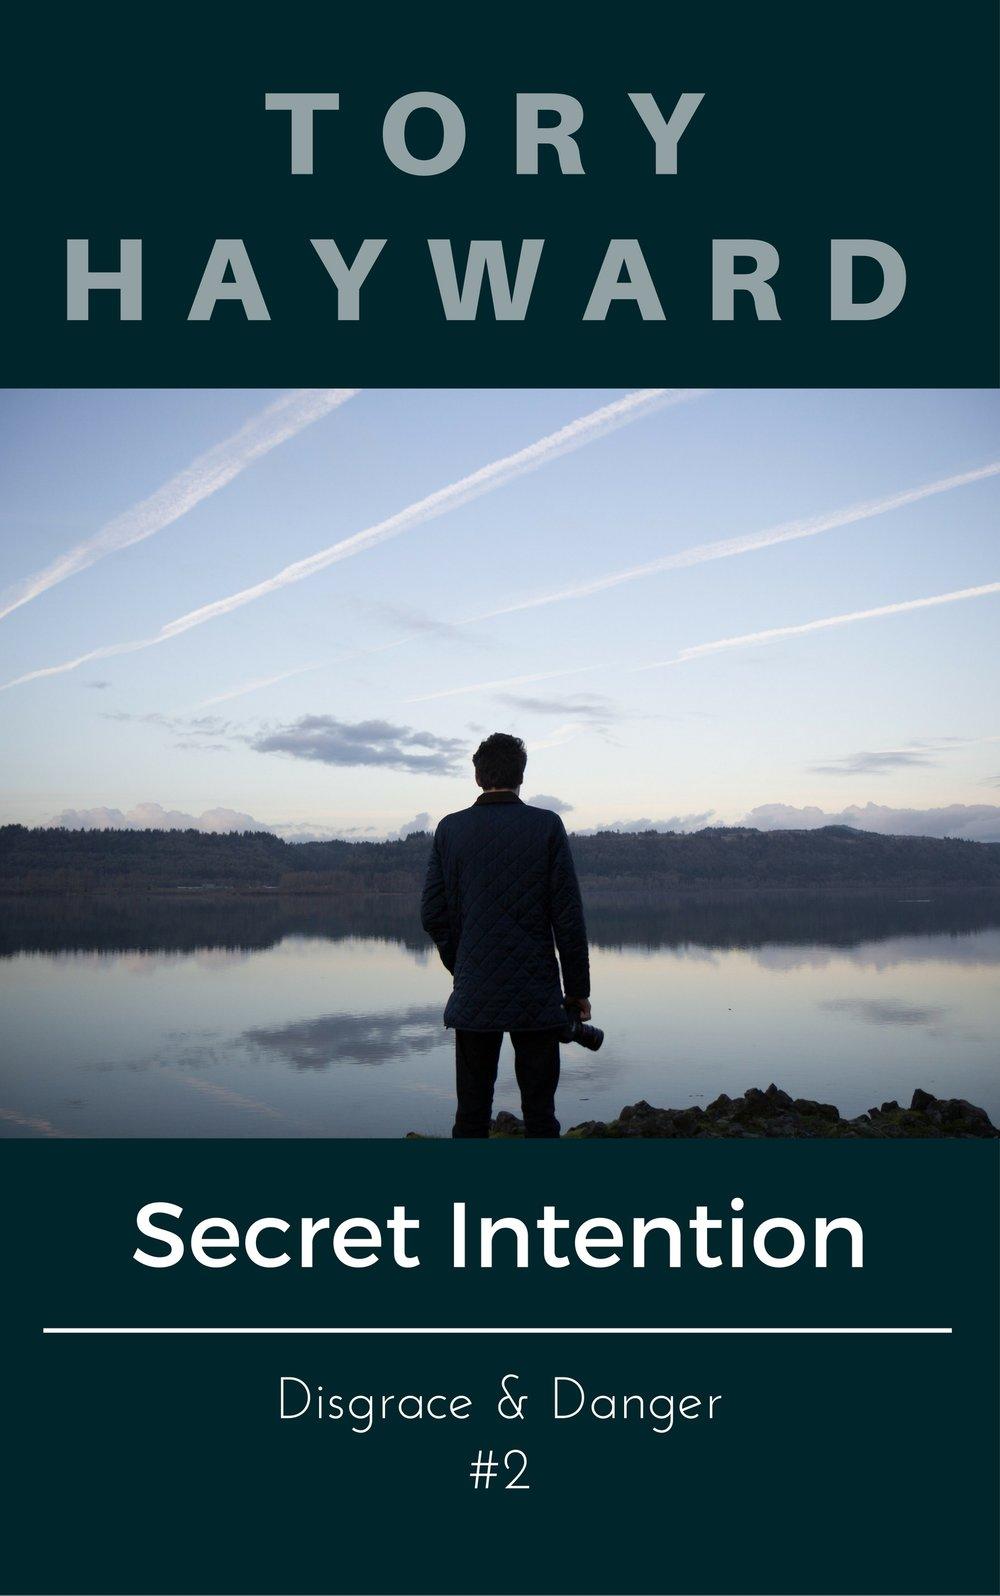 Disgrace & Danger #2: Secret Intention